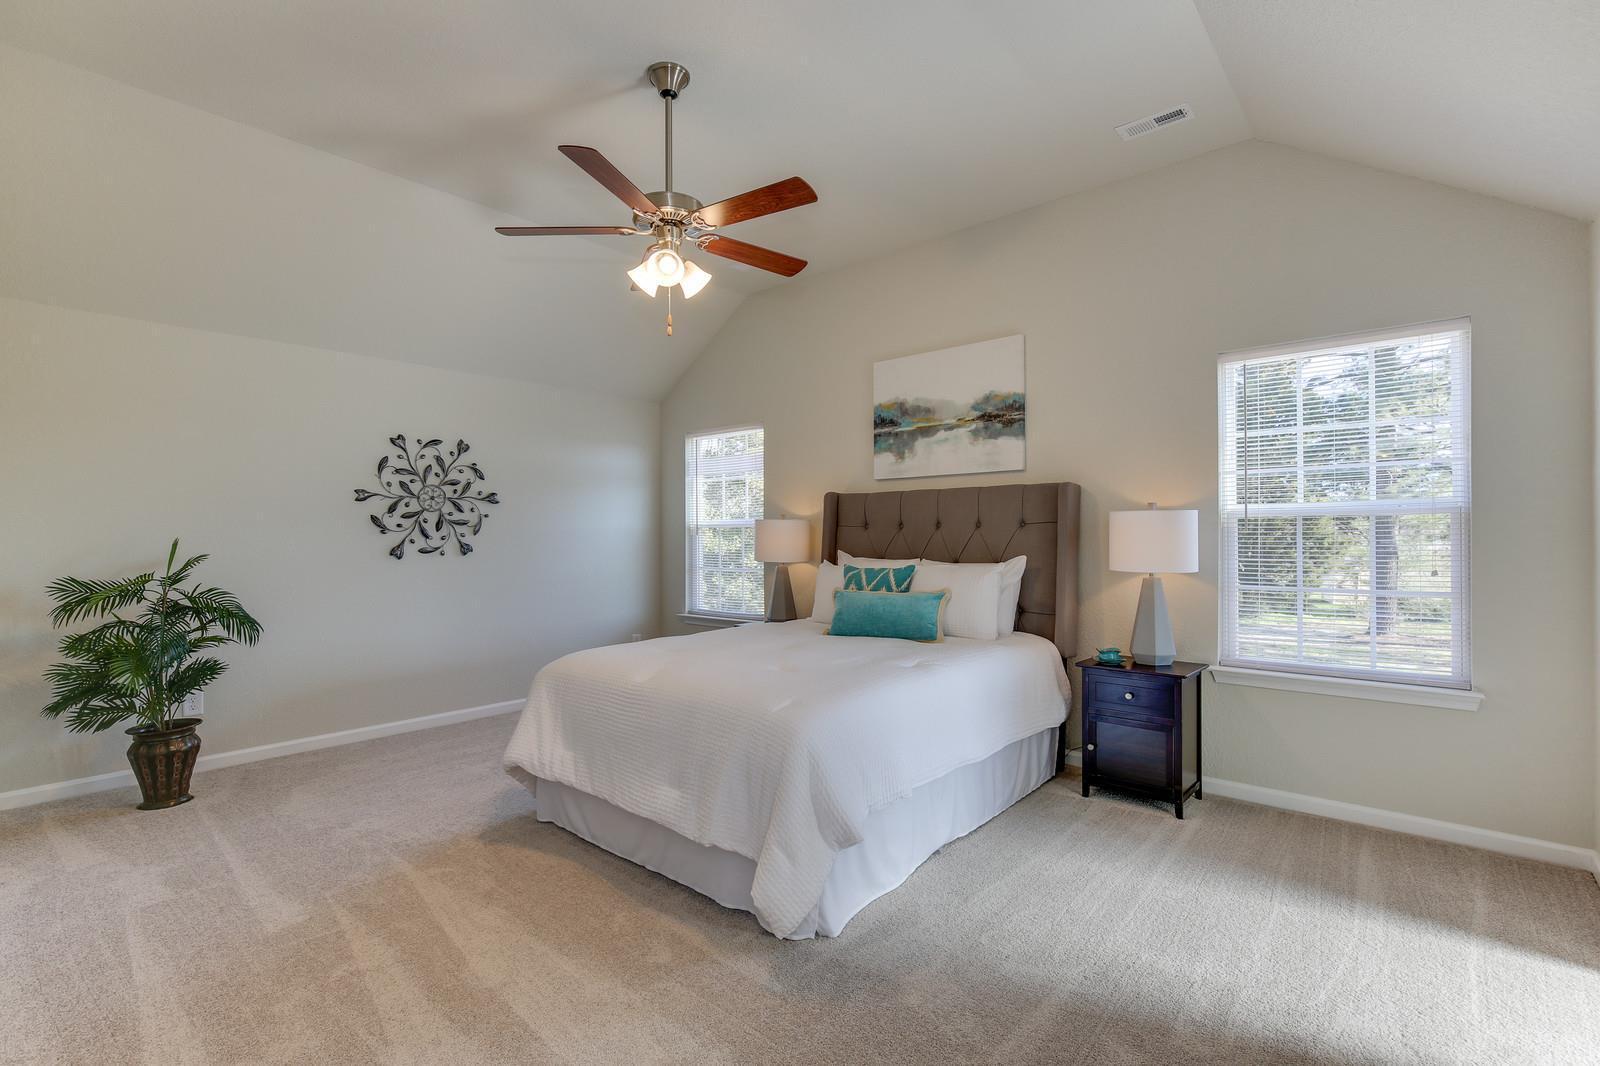 Bedroom featured in the Magnolia II By Wetherington Homes in Norfolk-Newport News, VA